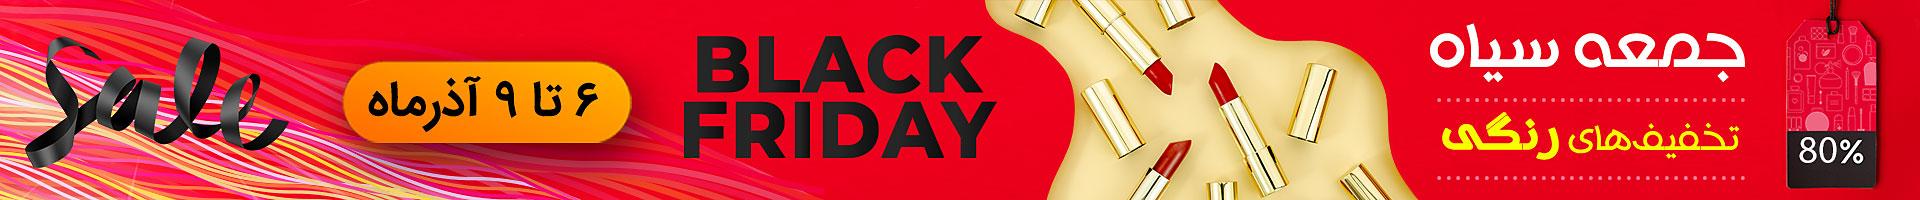 جمعه سیاه کالا مارکت